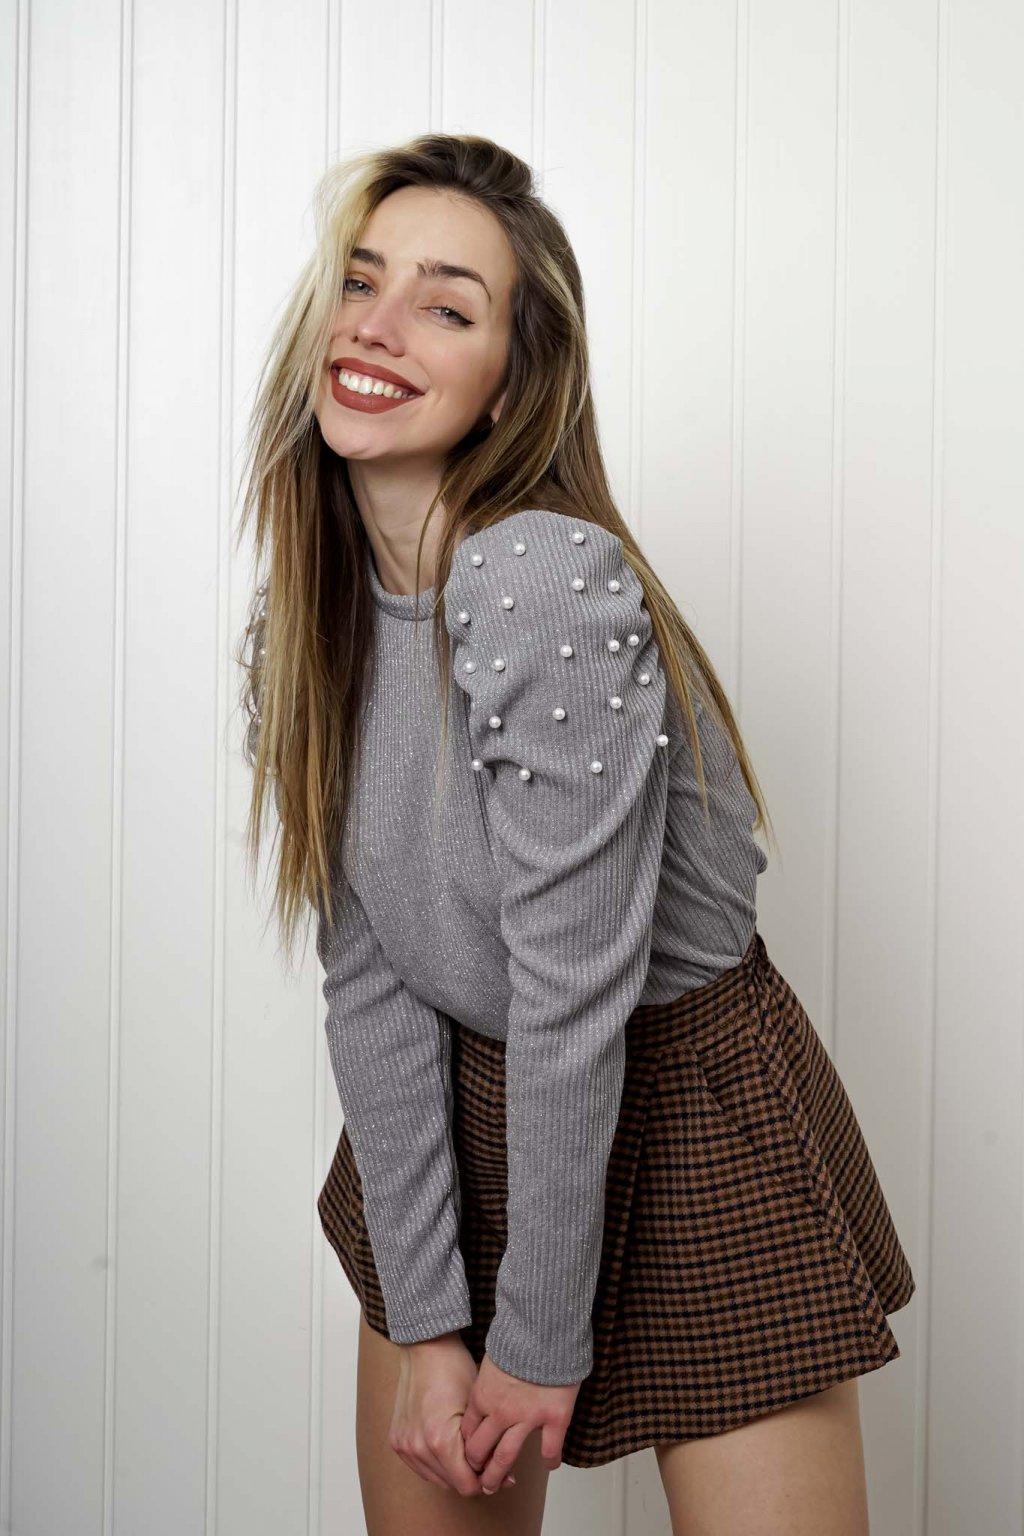 sveter, svetrík, sveter dámsky, úplet, úpletový sveter, jednoduchý sveter, v výstríh, štýlový, chlpatý,vzorovaný, srdiečkový, čierny, biely, farebný, 106